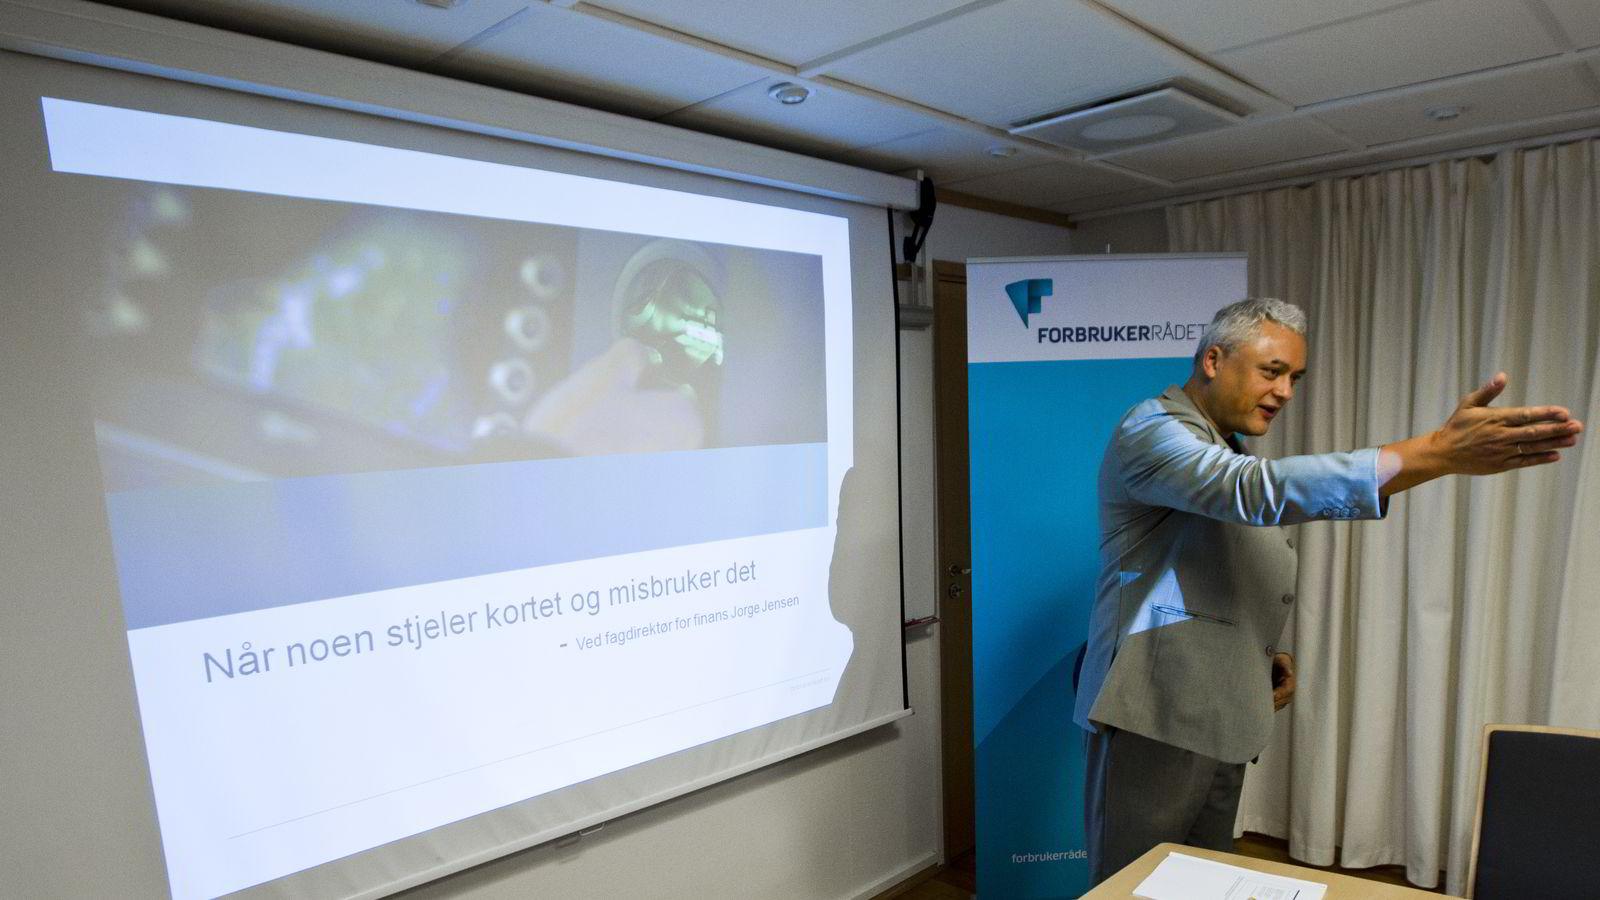 Fagdirektør for finans Jorge Jensen i Forbrukerrådet. Foto: Vegard Grøtt /